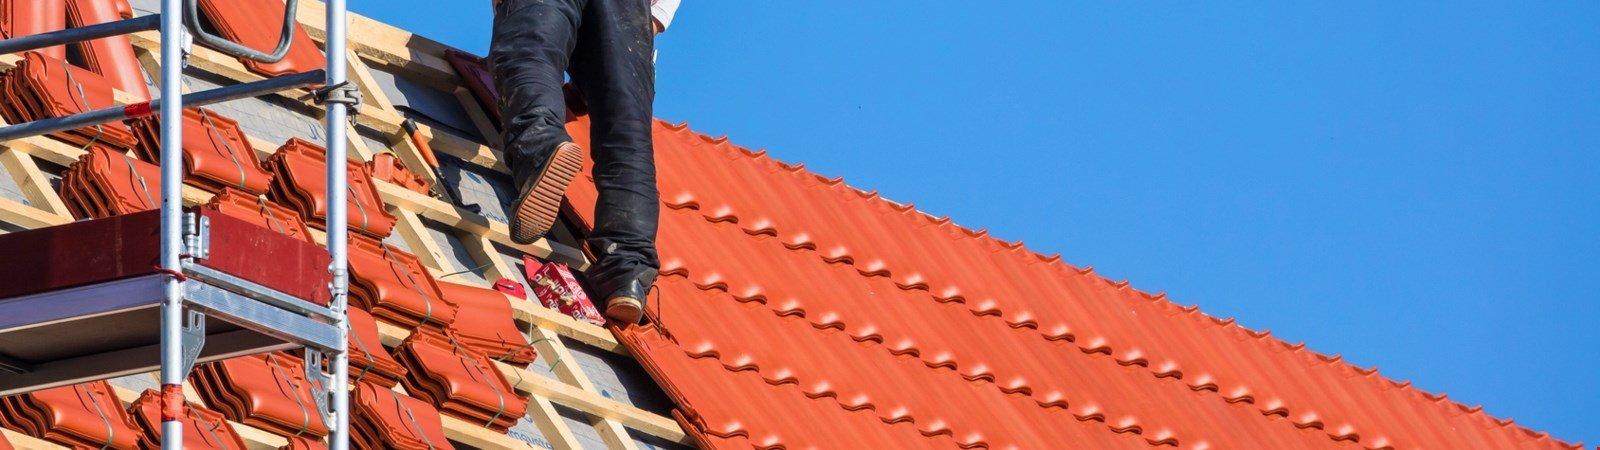 Kosten Dachsanierung: Kosten, Optionen und Fördermittel